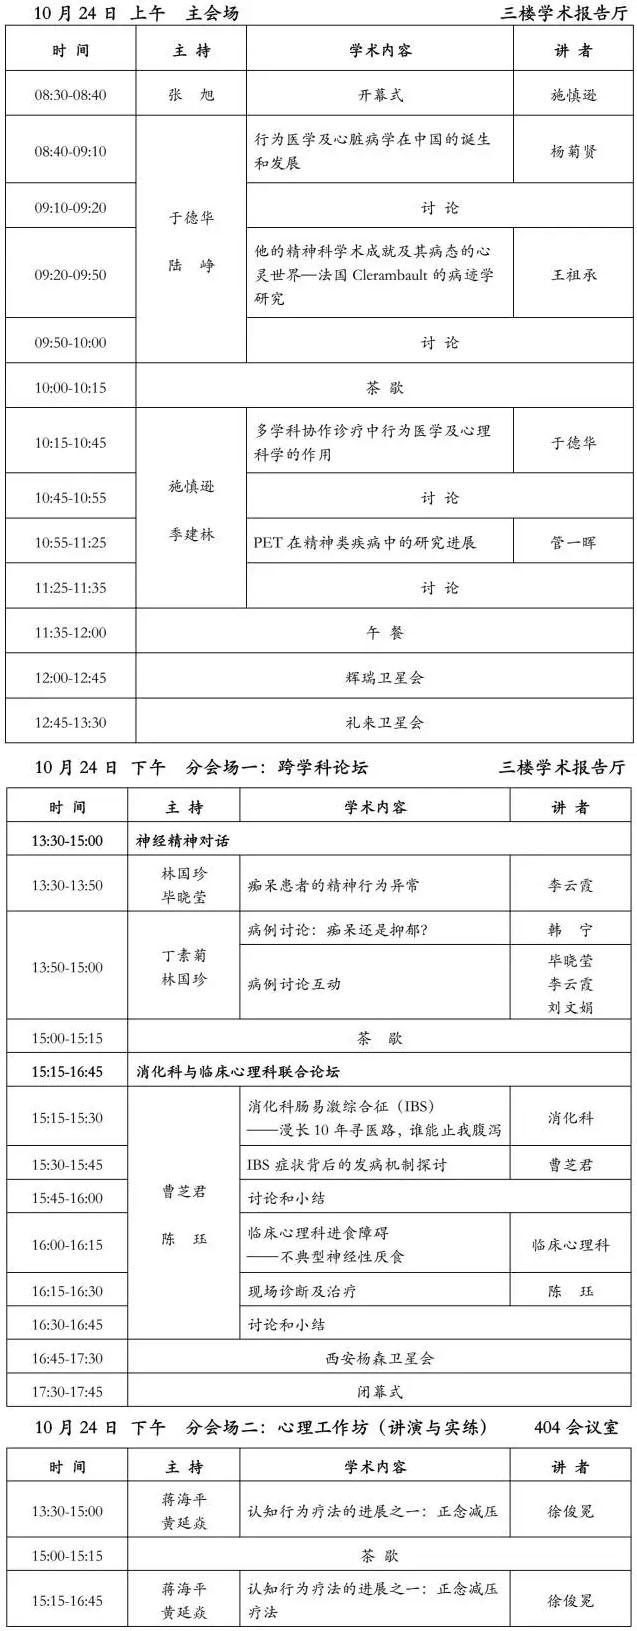 2015 上海市医学会行为医学学术年会